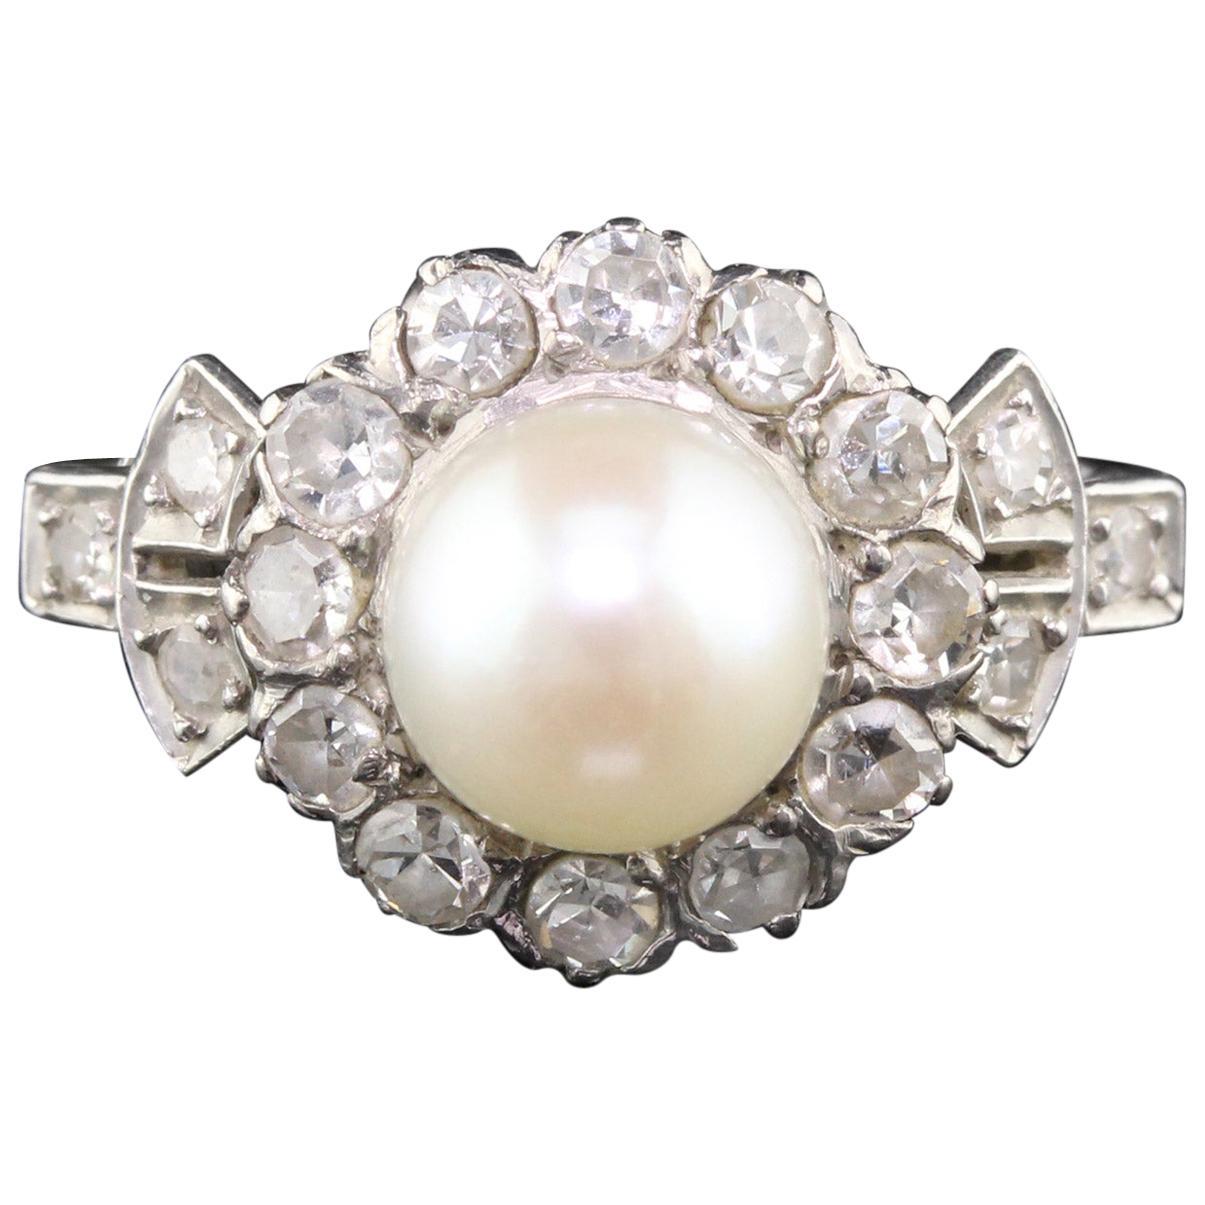 Antique Edwardian 18 Karat White Gold, Platinum, Pearl and Diamond Ring